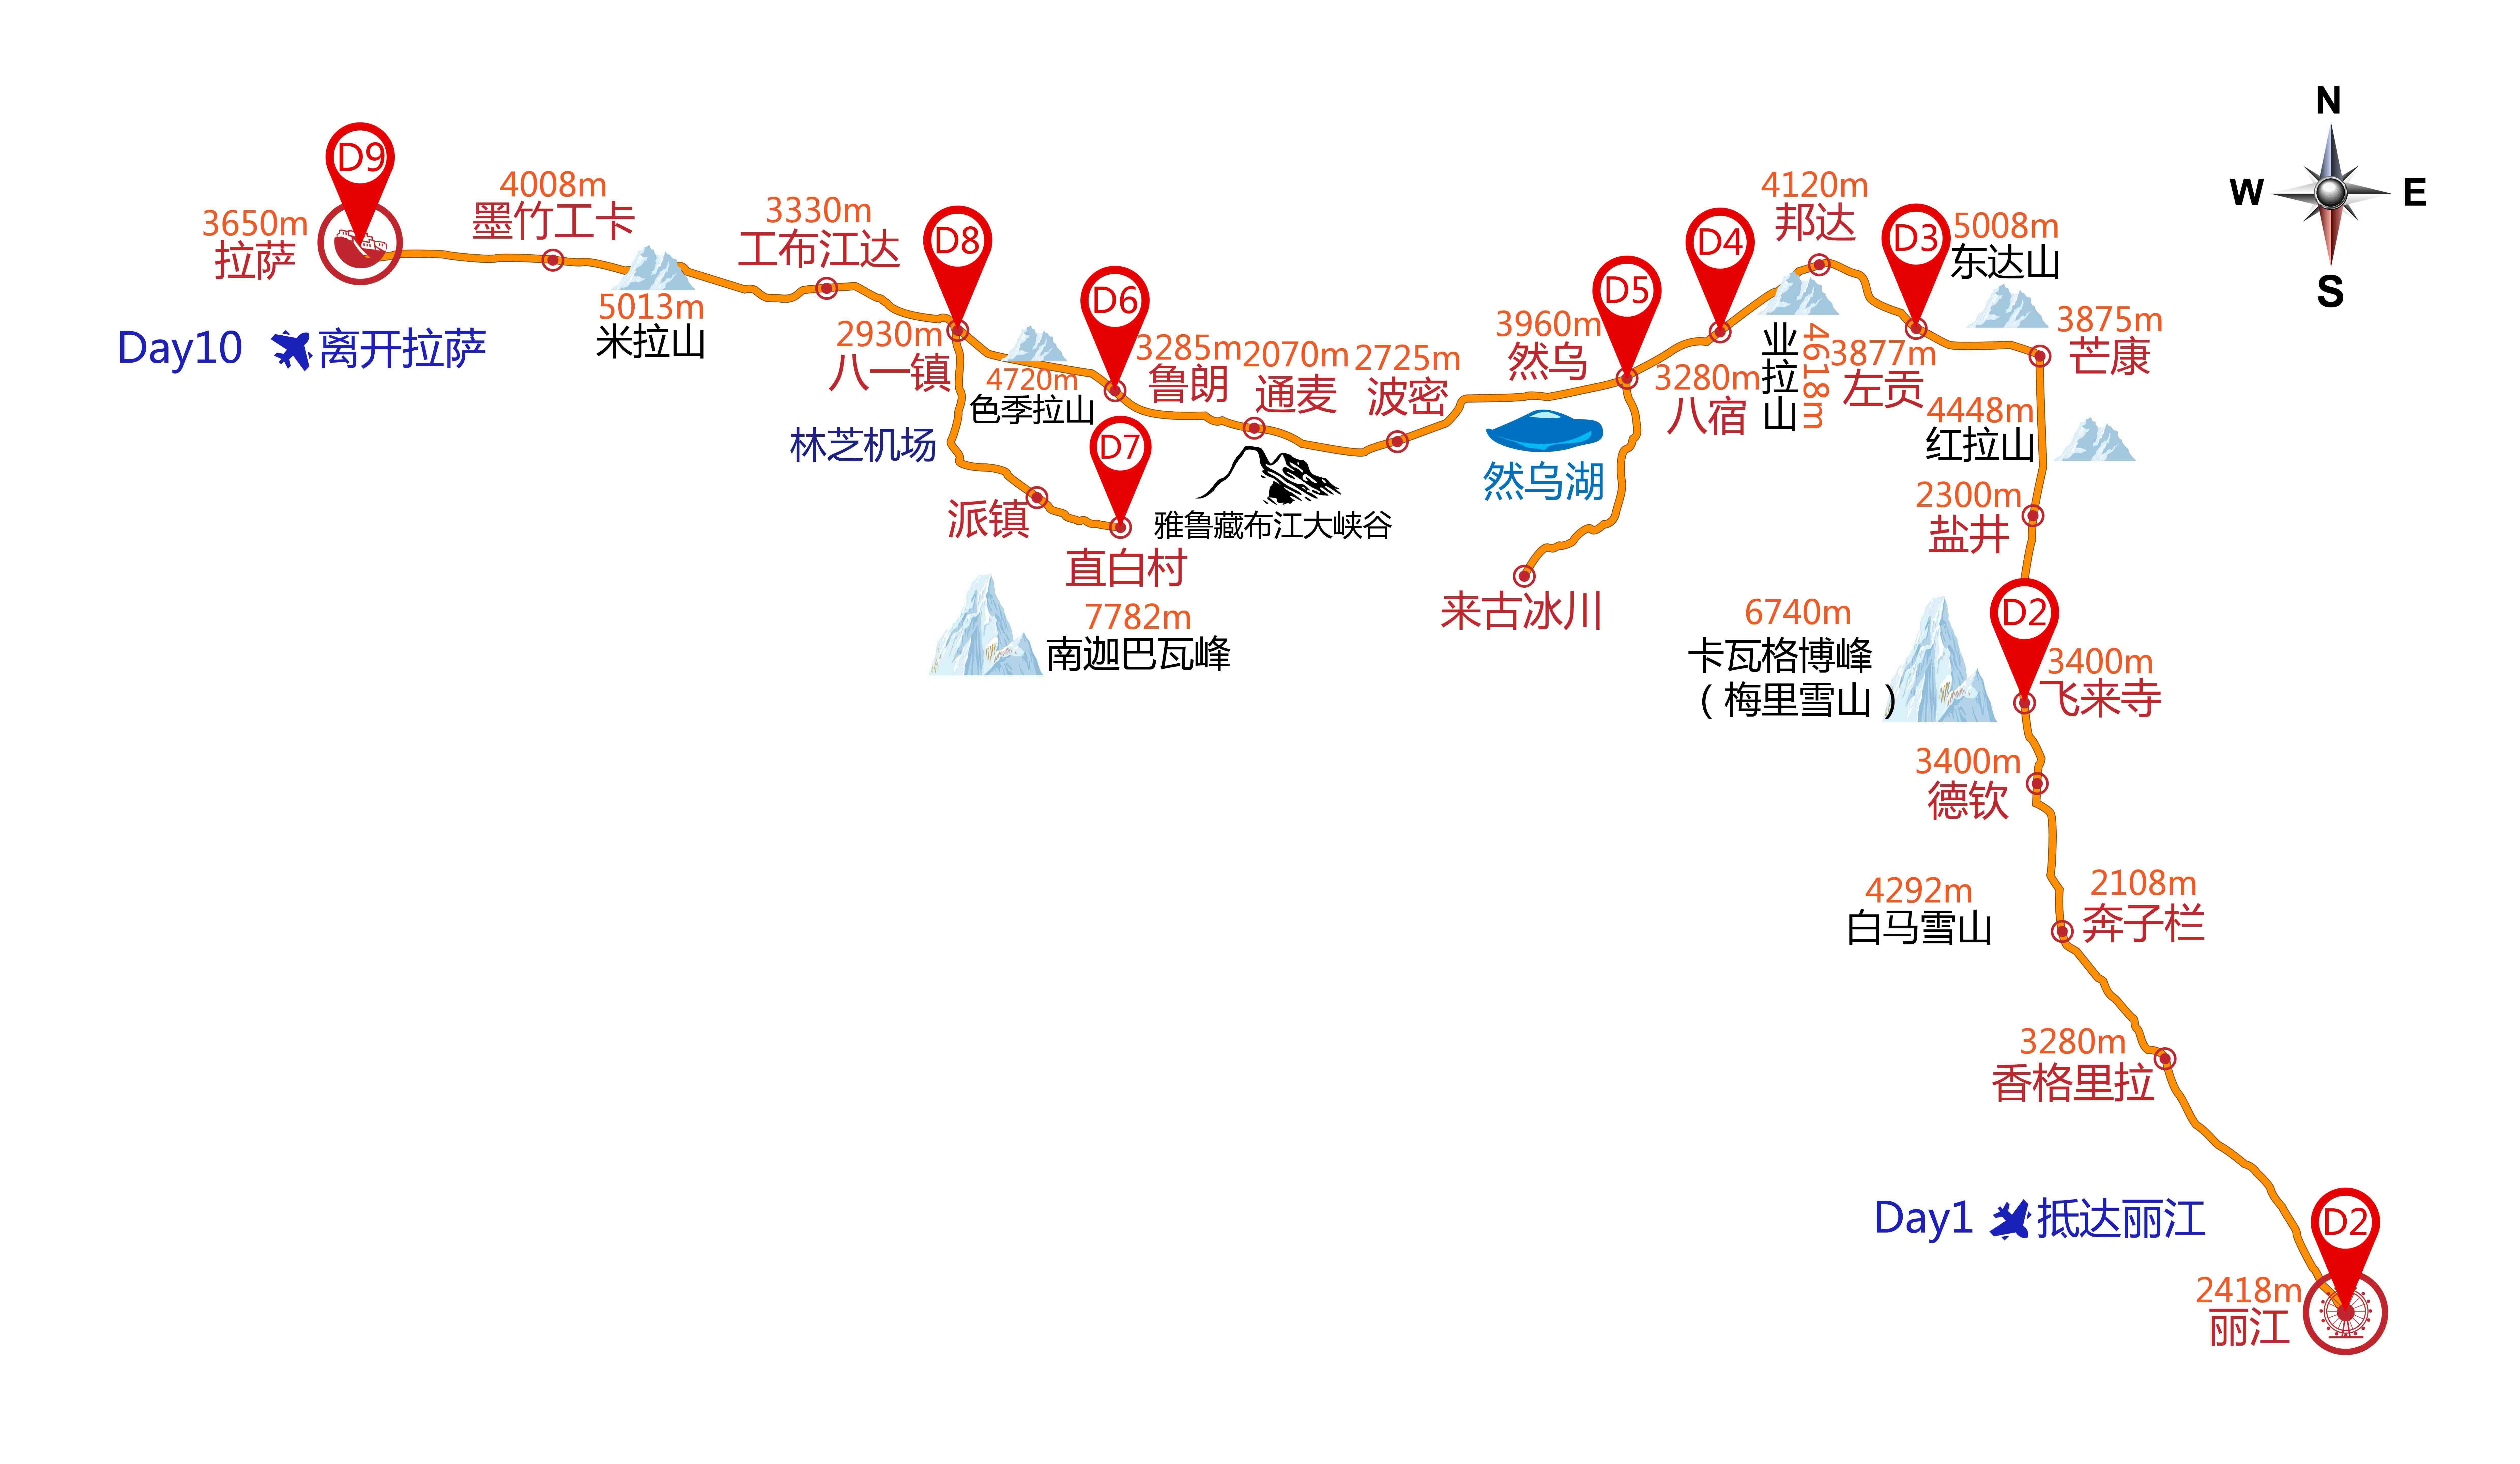 茶马古道 滇藏线>是人生中不得不去的地方,五百年来,来往于茶马